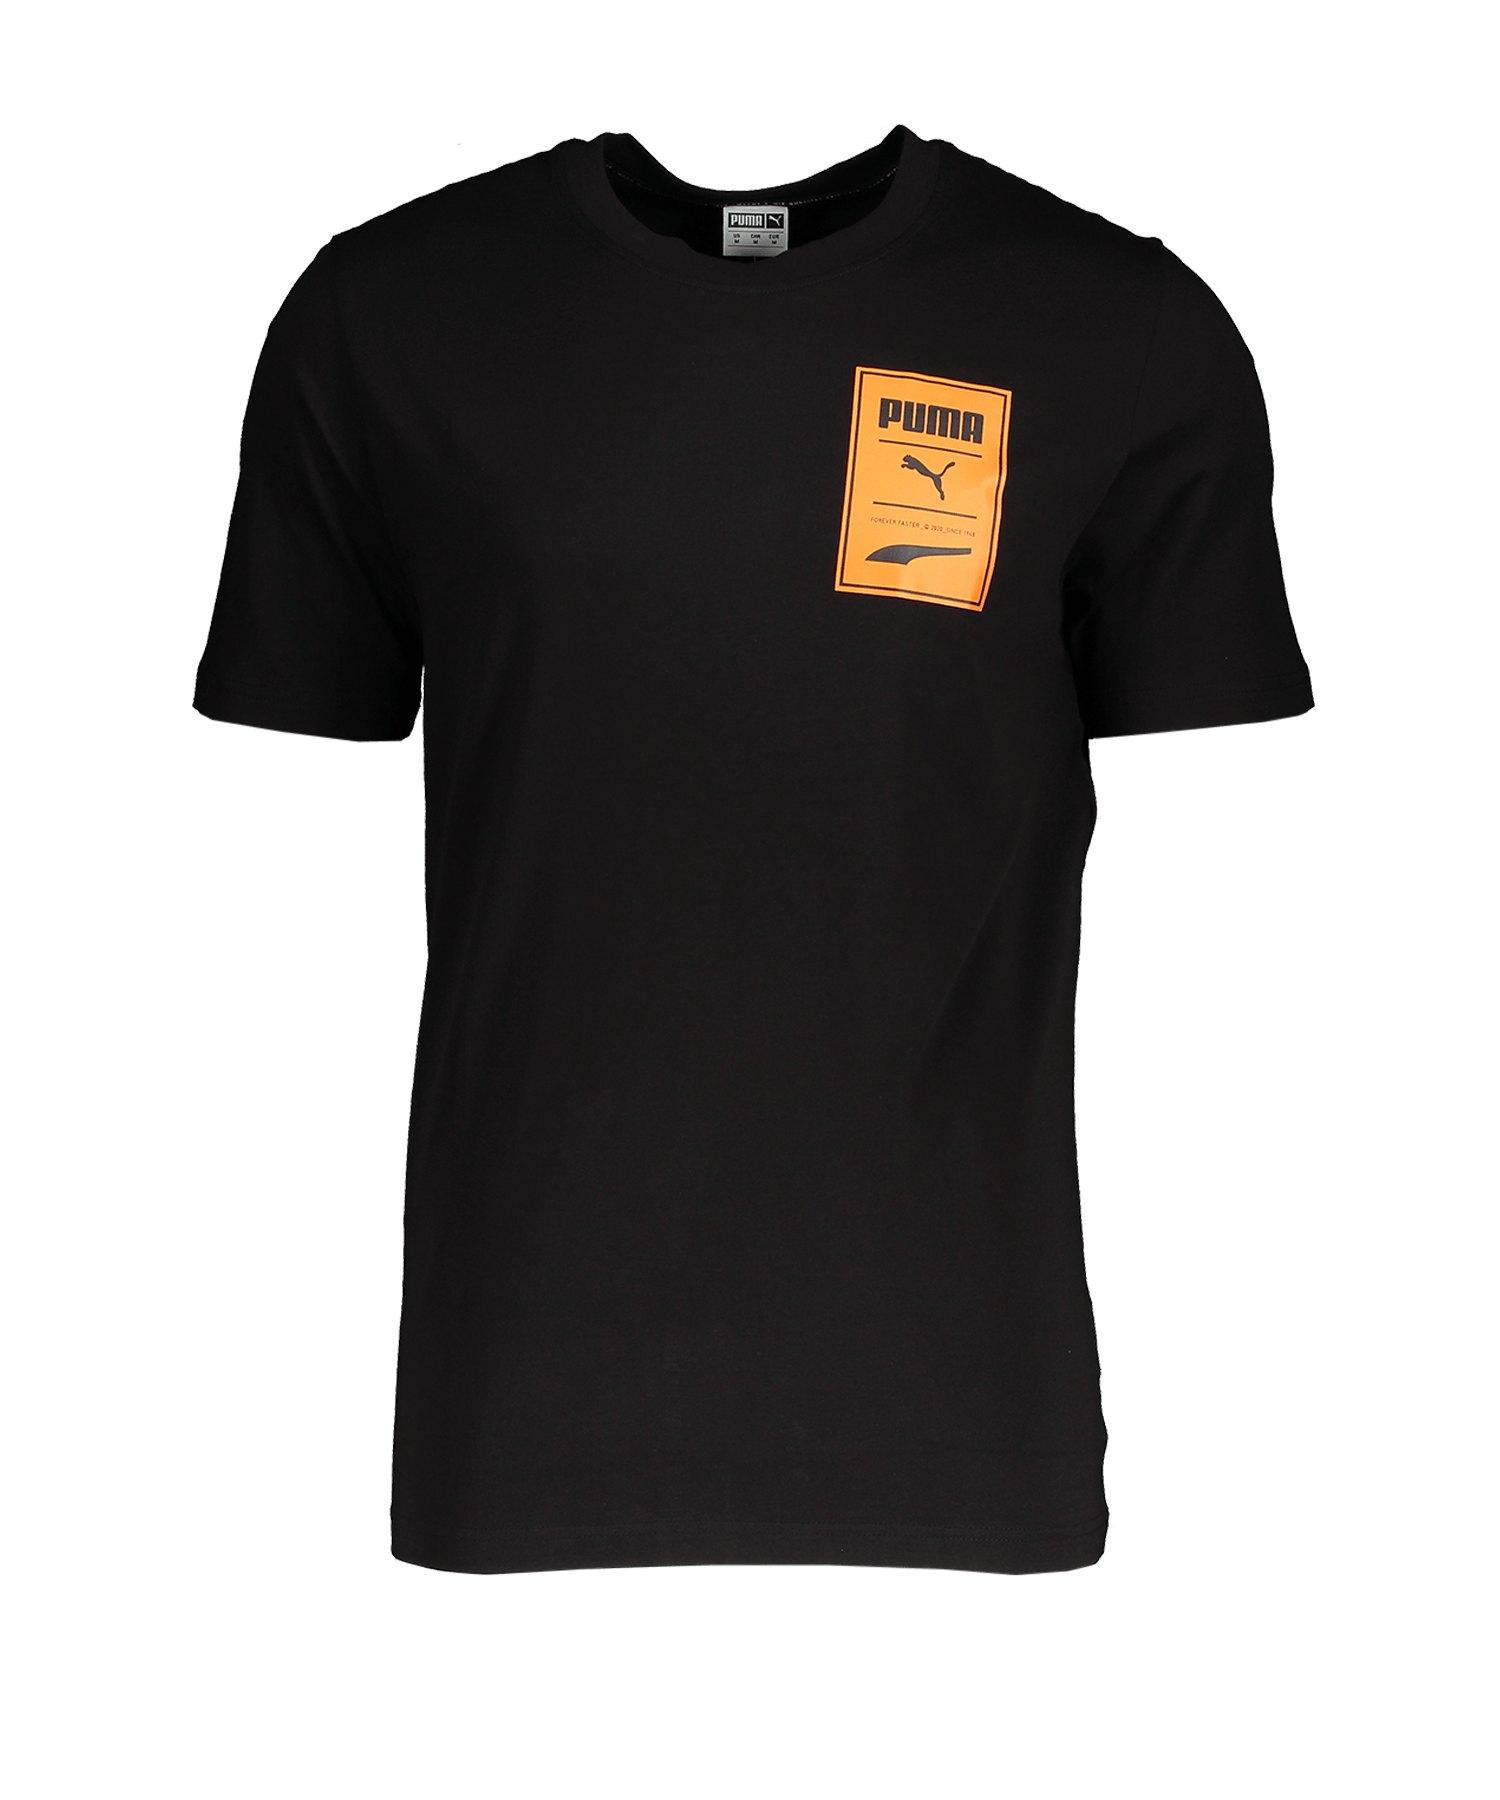 PUMA Recheck Pack Graphic T-Shirt Schwarz F01 - schwarz